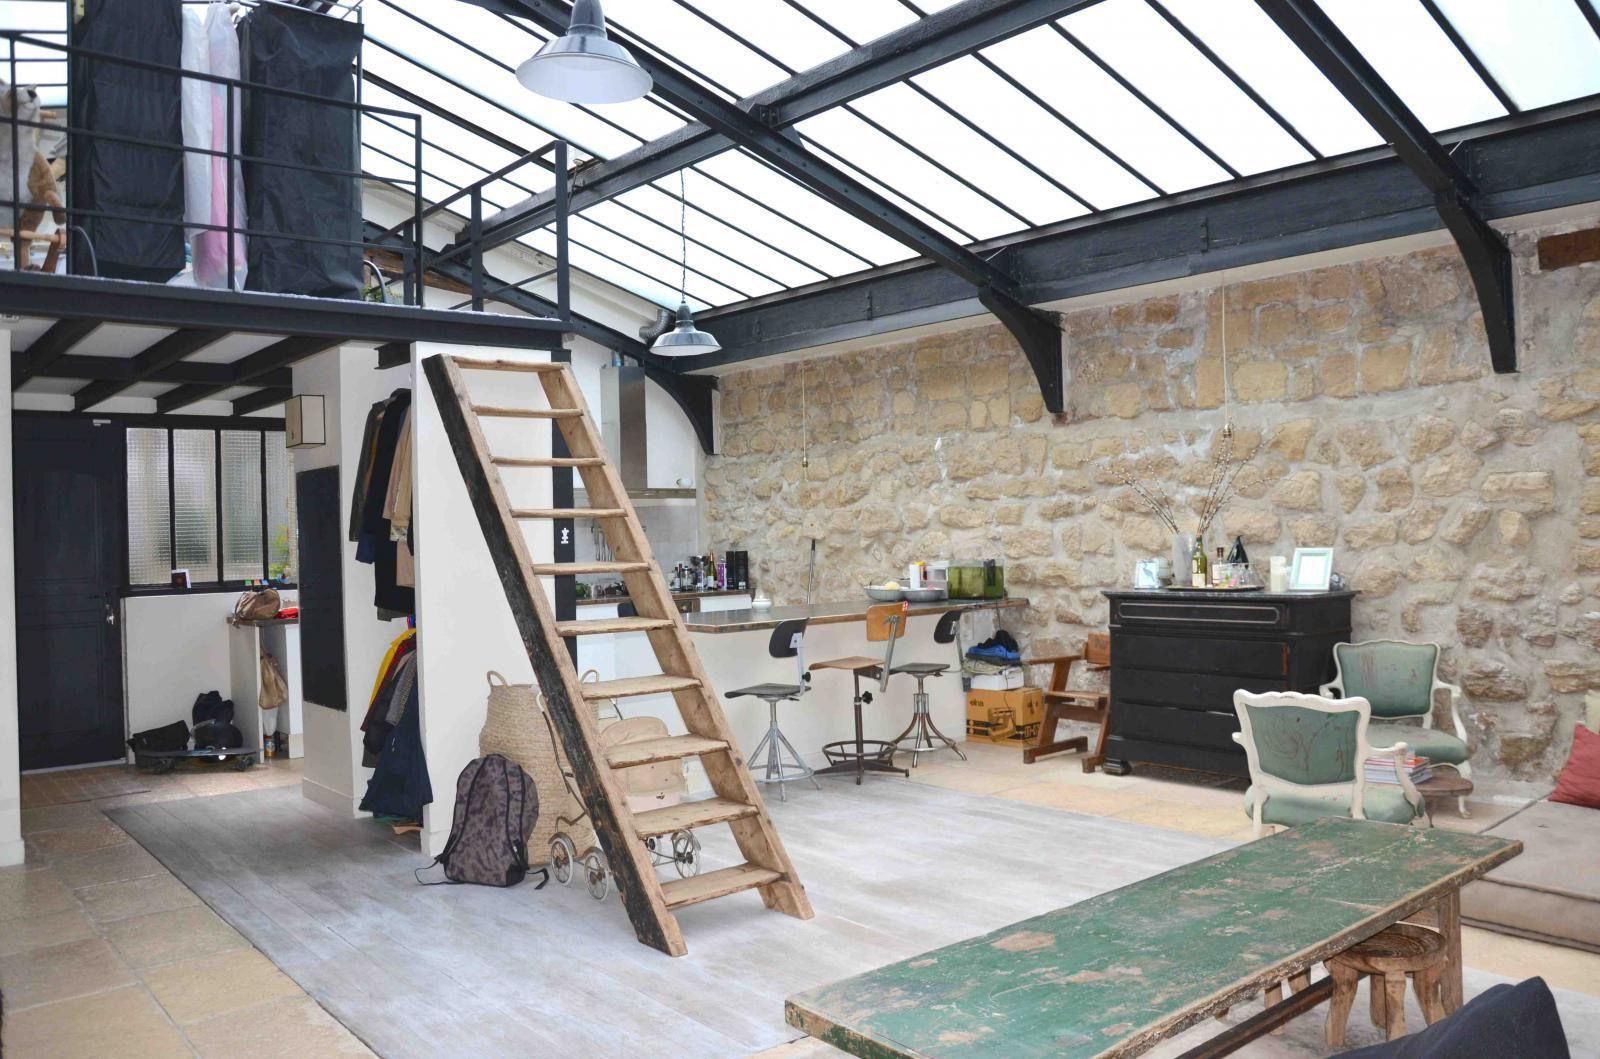 un loft atelier paris planete deco a homes world industrial loft loft house loft et. Black Bedroom Furniture Sets. Home Design Ideas